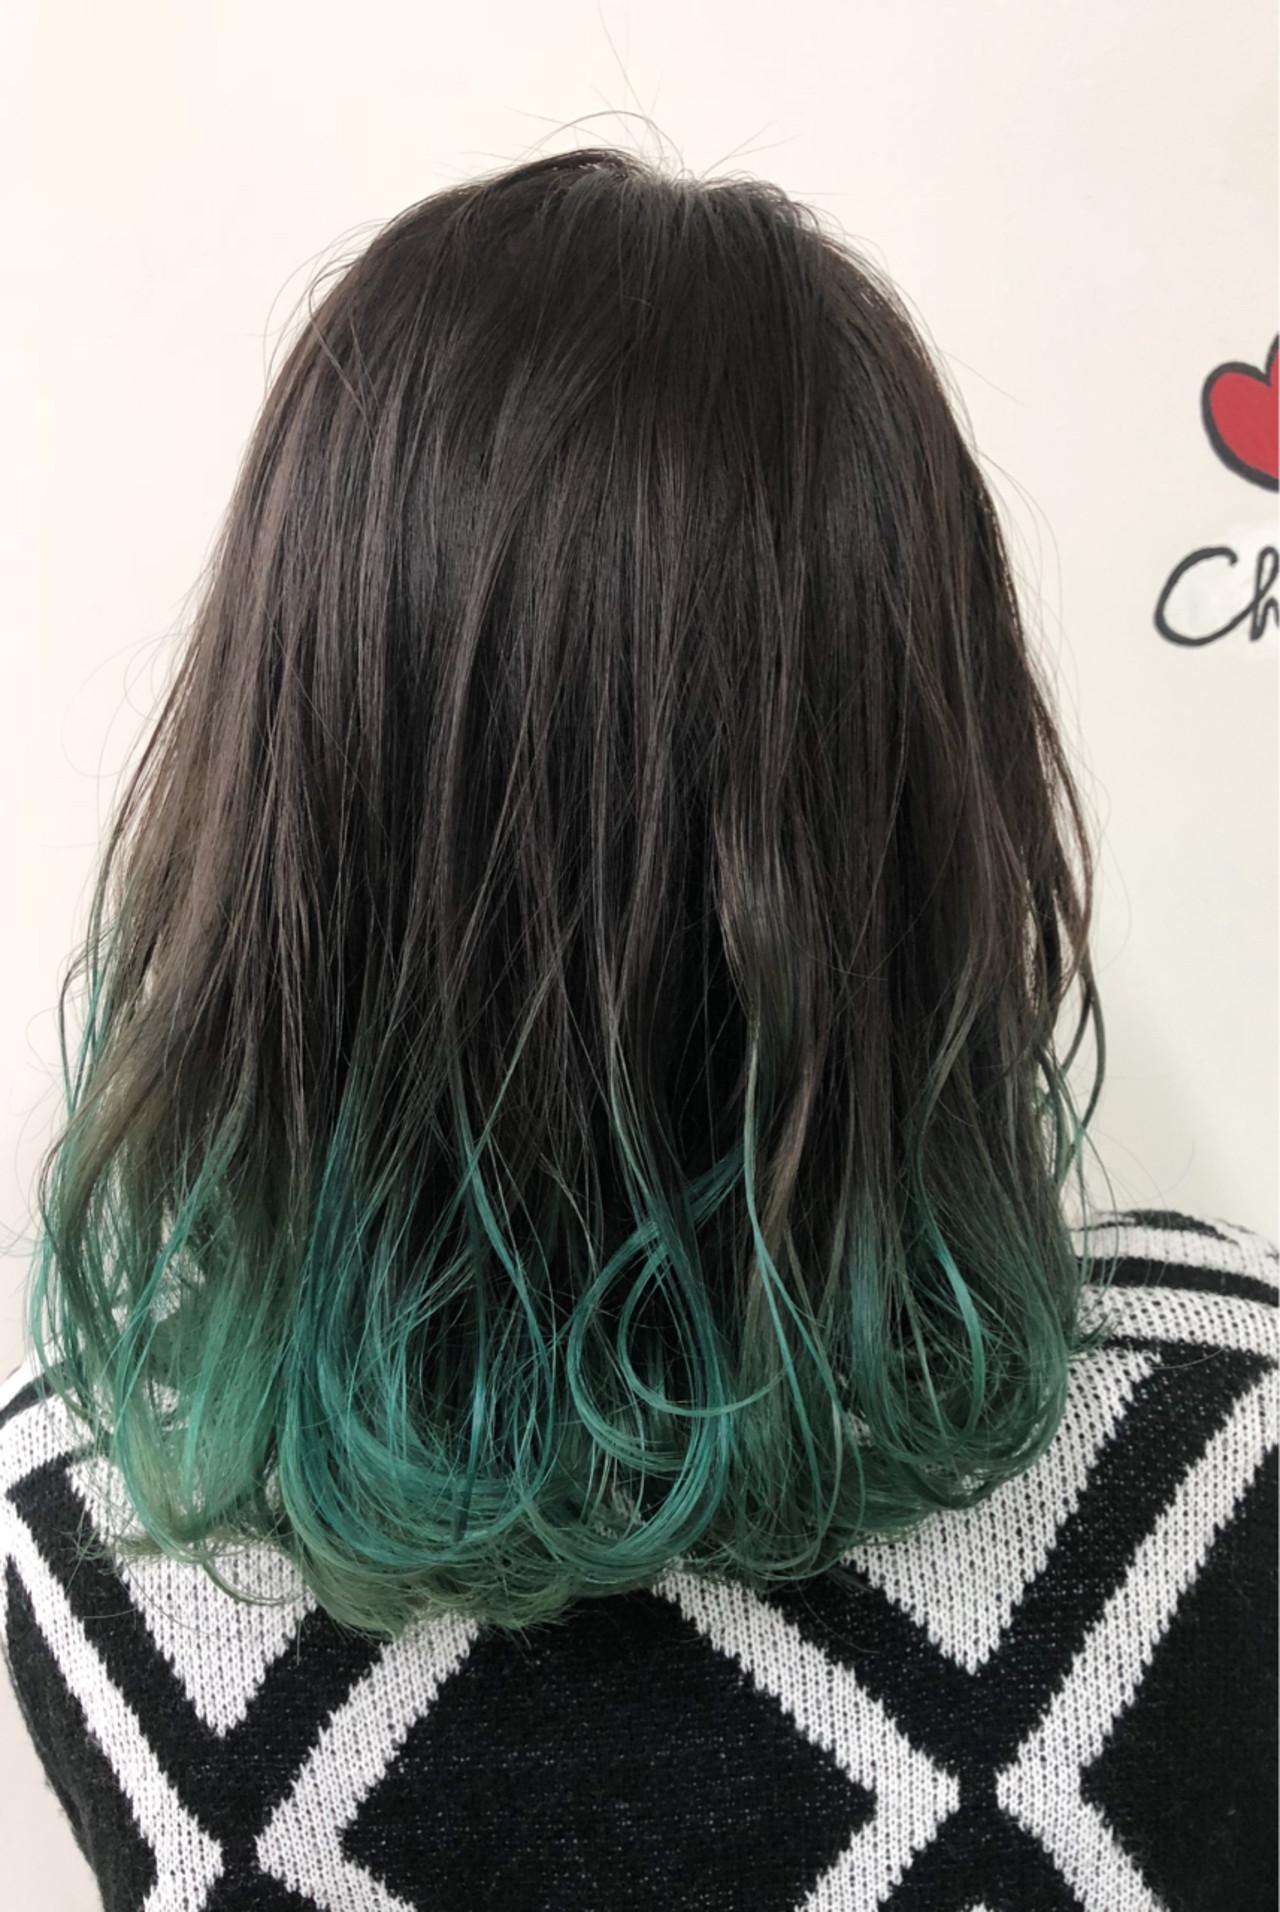 グラデーションカラー 黒髪 ミディアム ストリート ヘアスタイルや髪型の写真・画像